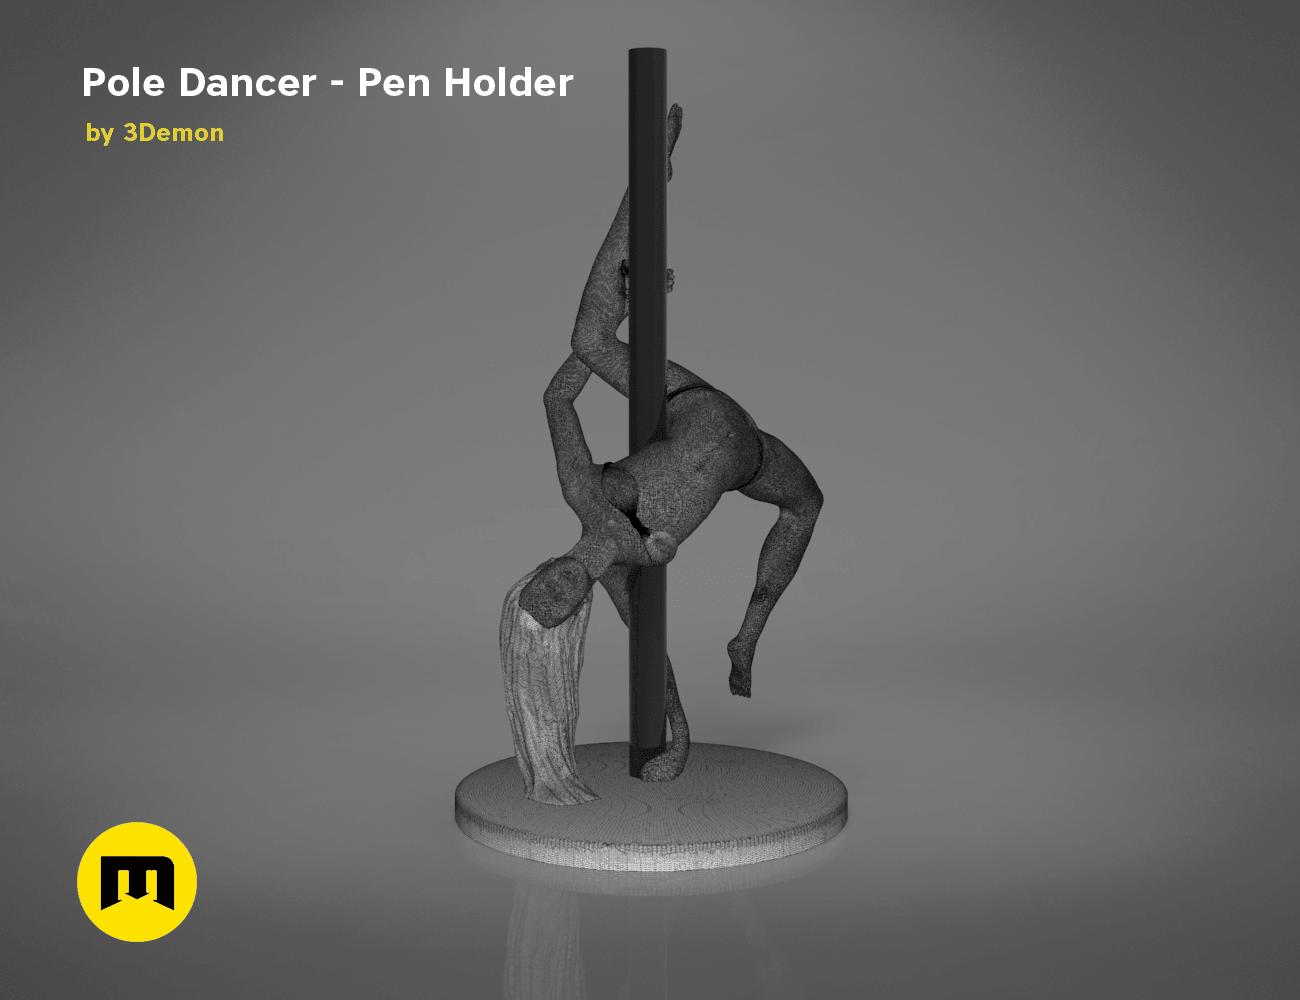 poledancer-front.168.png Download STL file Pole Dancer - Pen Holder • Object to 3D print, 3D-mon